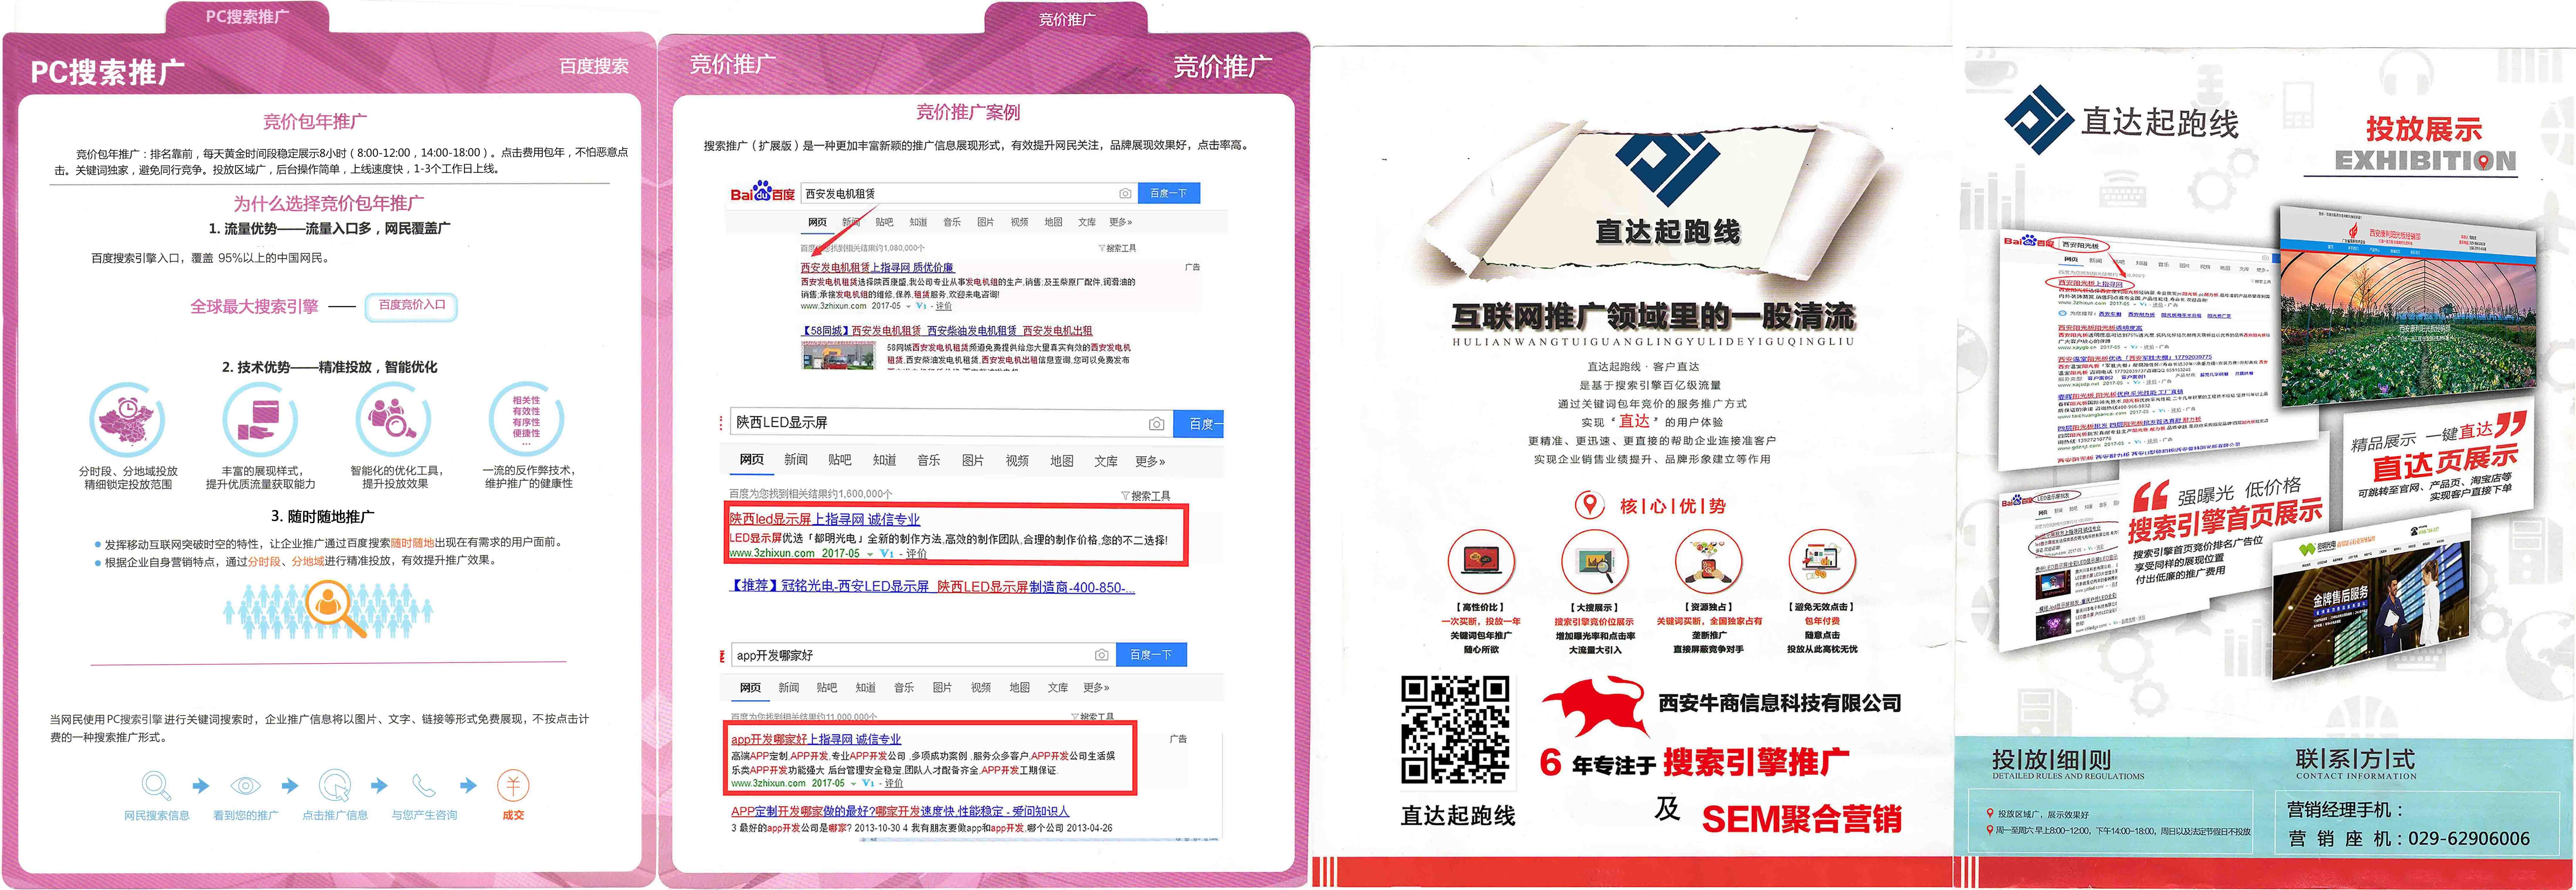 西安牛商信息科技有限公司-直…